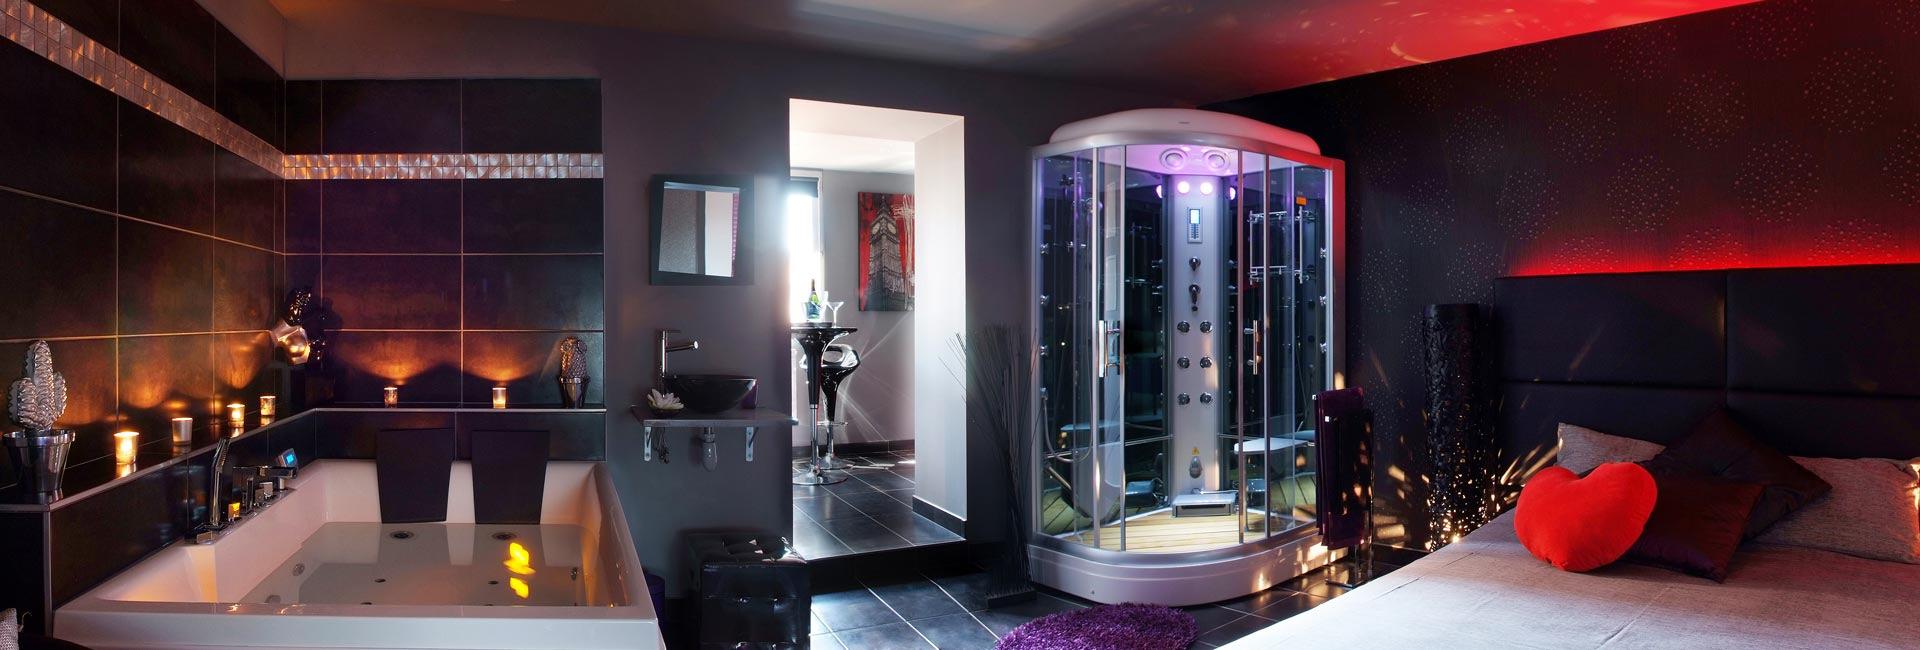 Chambre-avec-jacuzzi-privatif-Le-Rouville-Spa.jpg